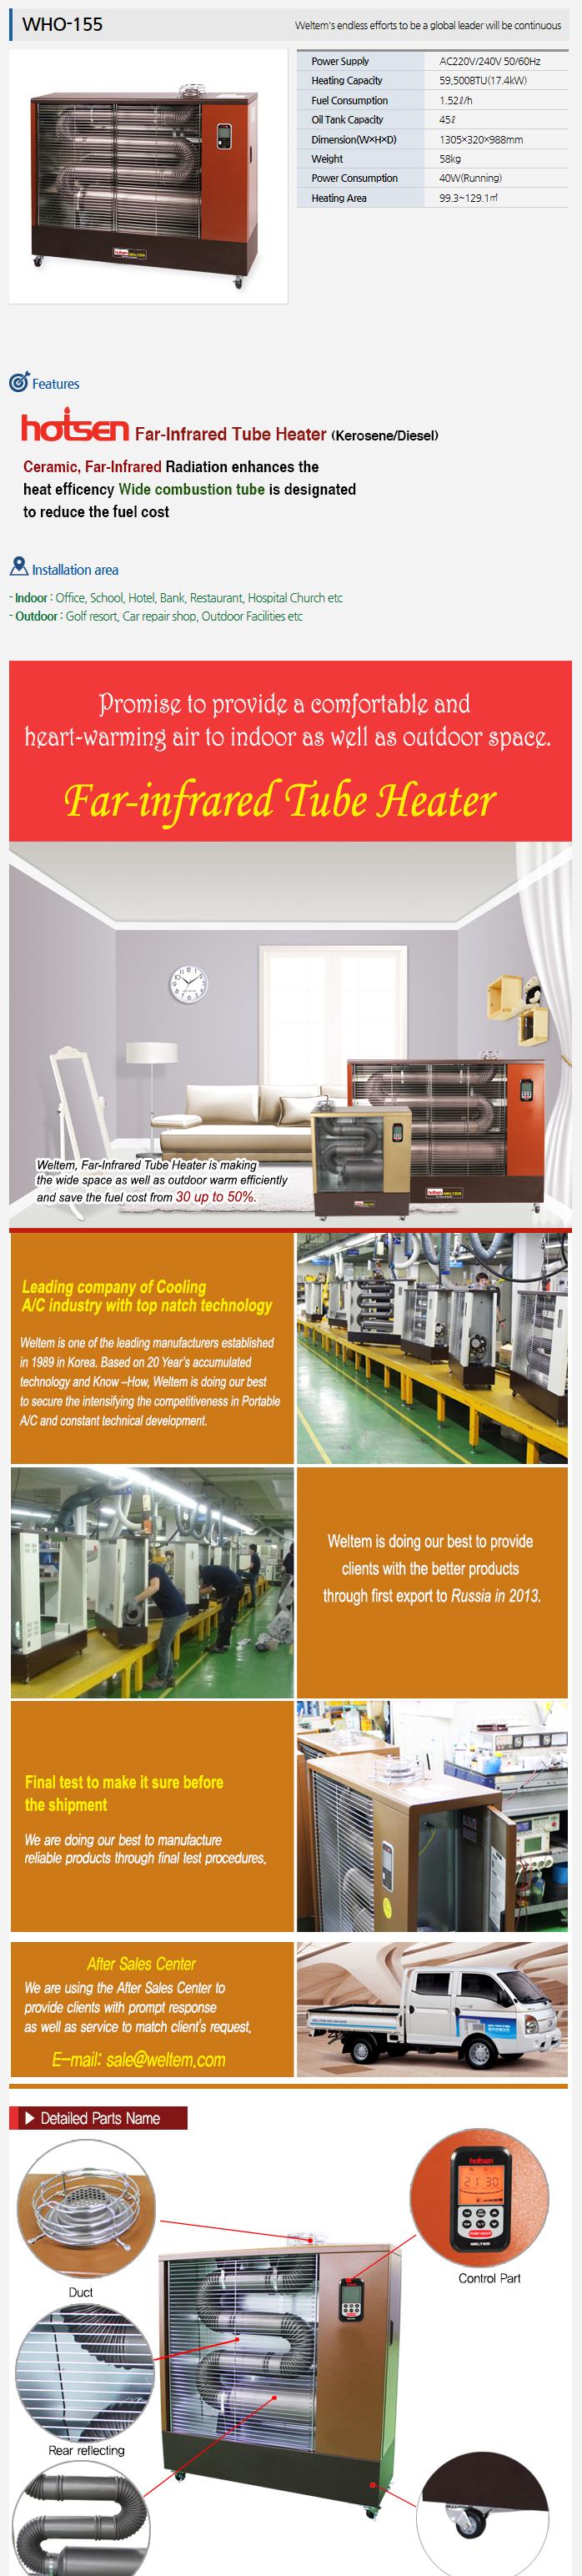 WELTEM Far Infrared Heater WHO-155